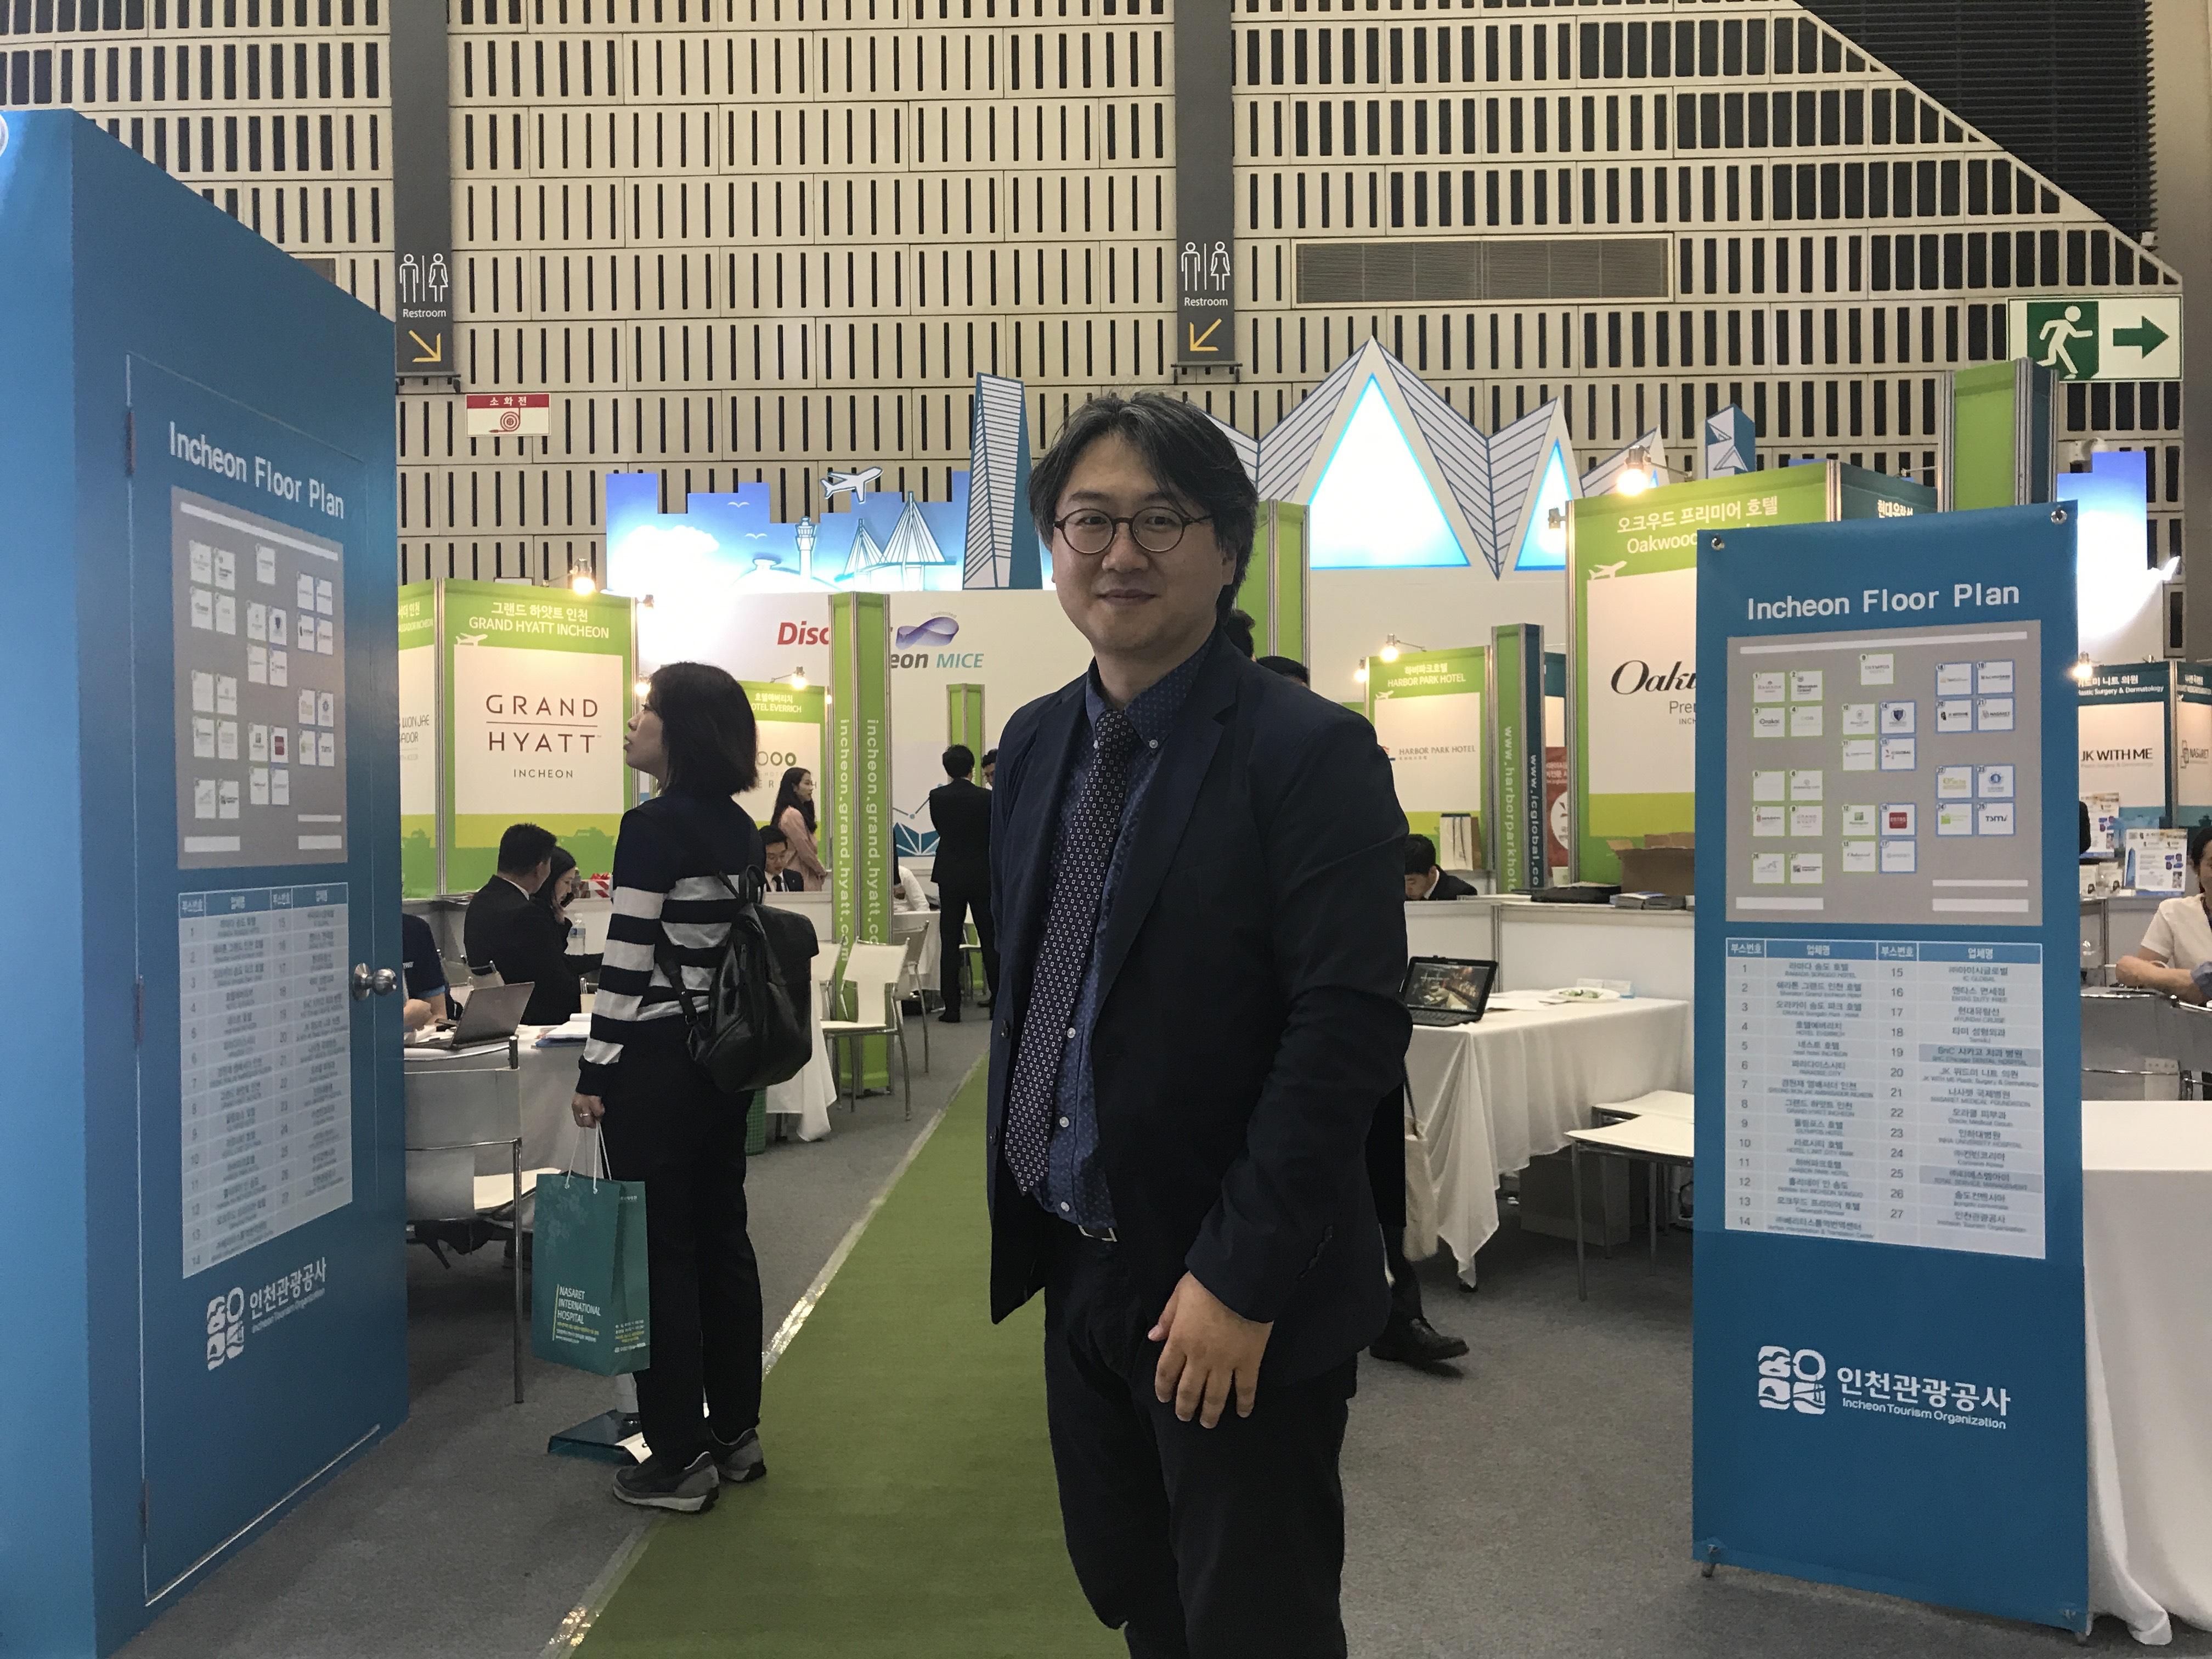 인천관광공사 컨벤션뷰로팀 조강욱 차장